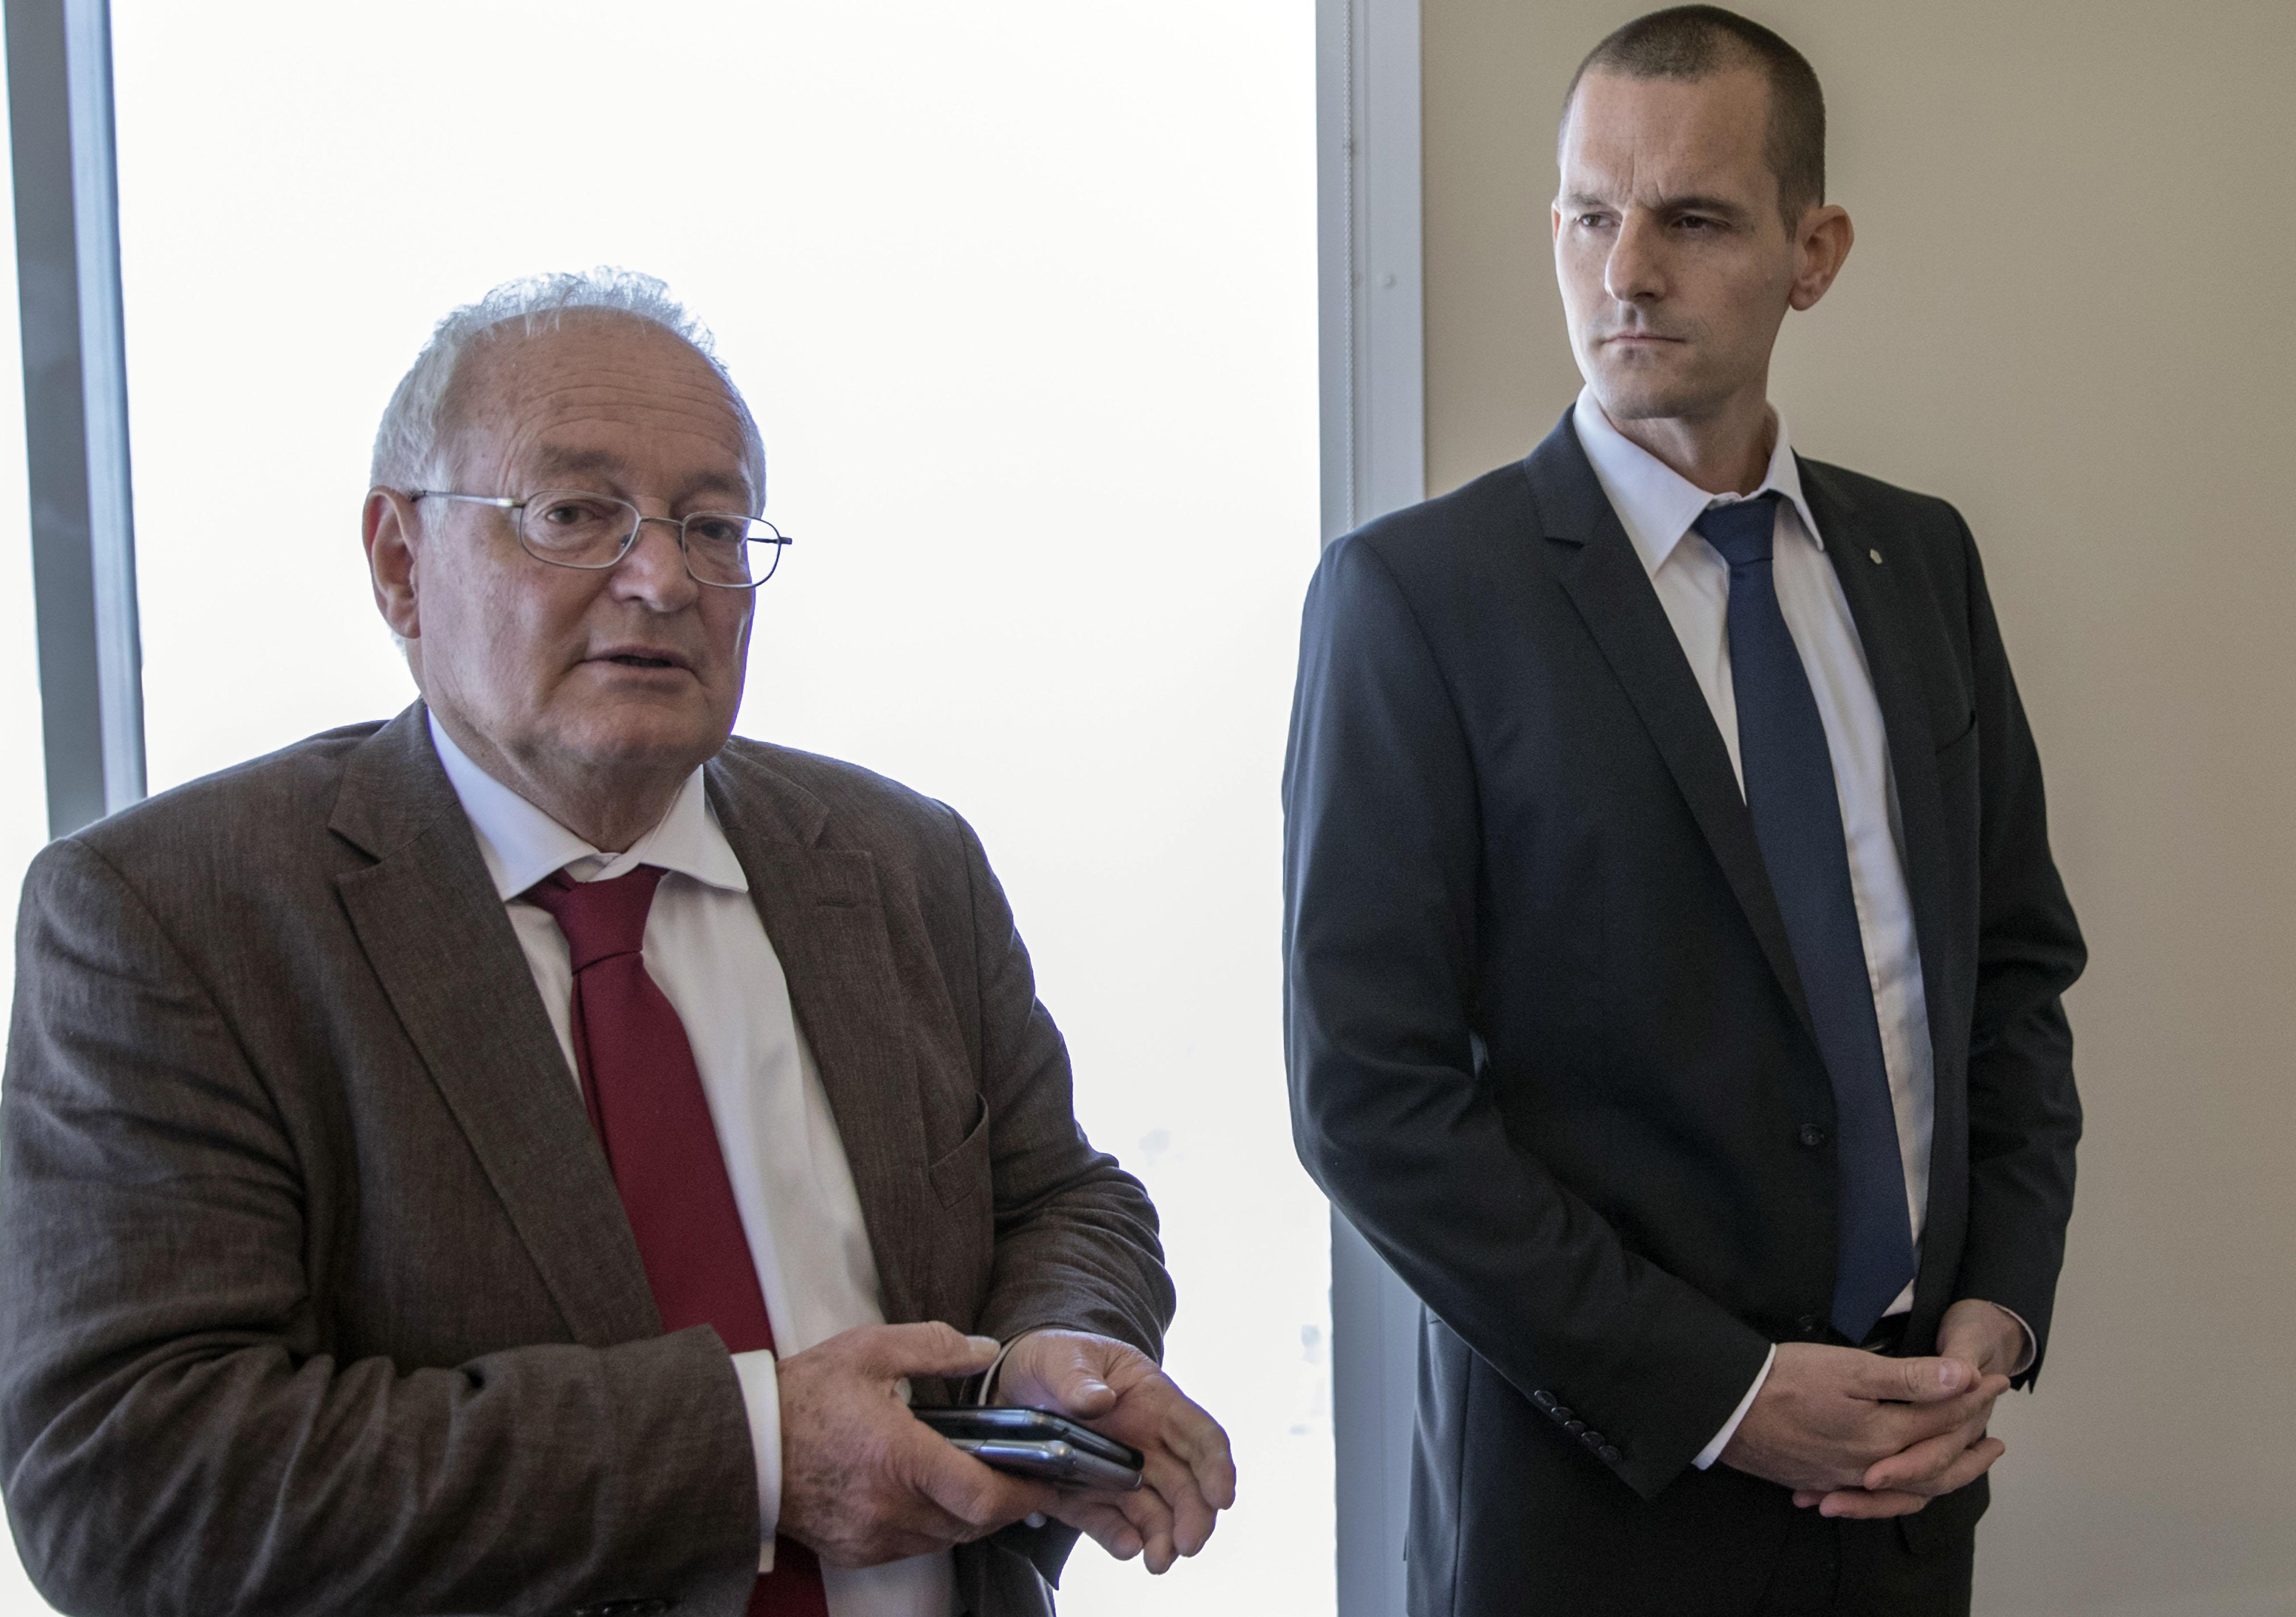 DFB-Chef Grindel: Nein zu neuen FIFA-Ethikern wäre